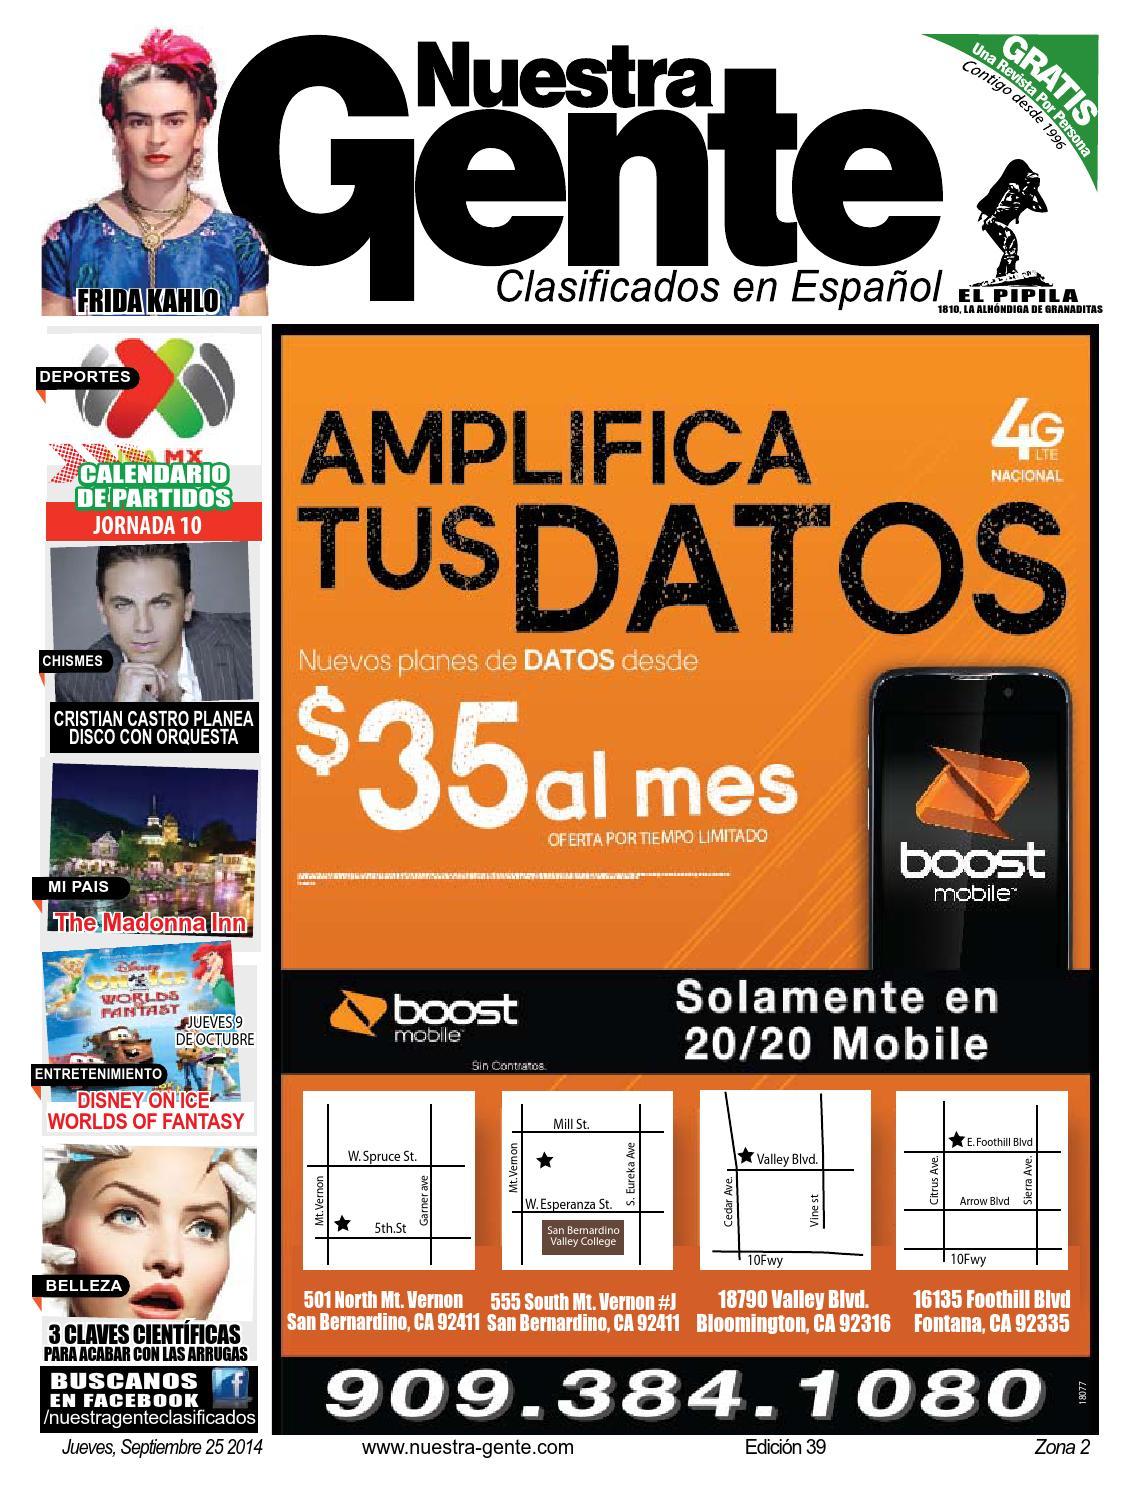 Nuestra Gente 2014 Edicion 39 Zona 2 by Nuestra Gente - issuu